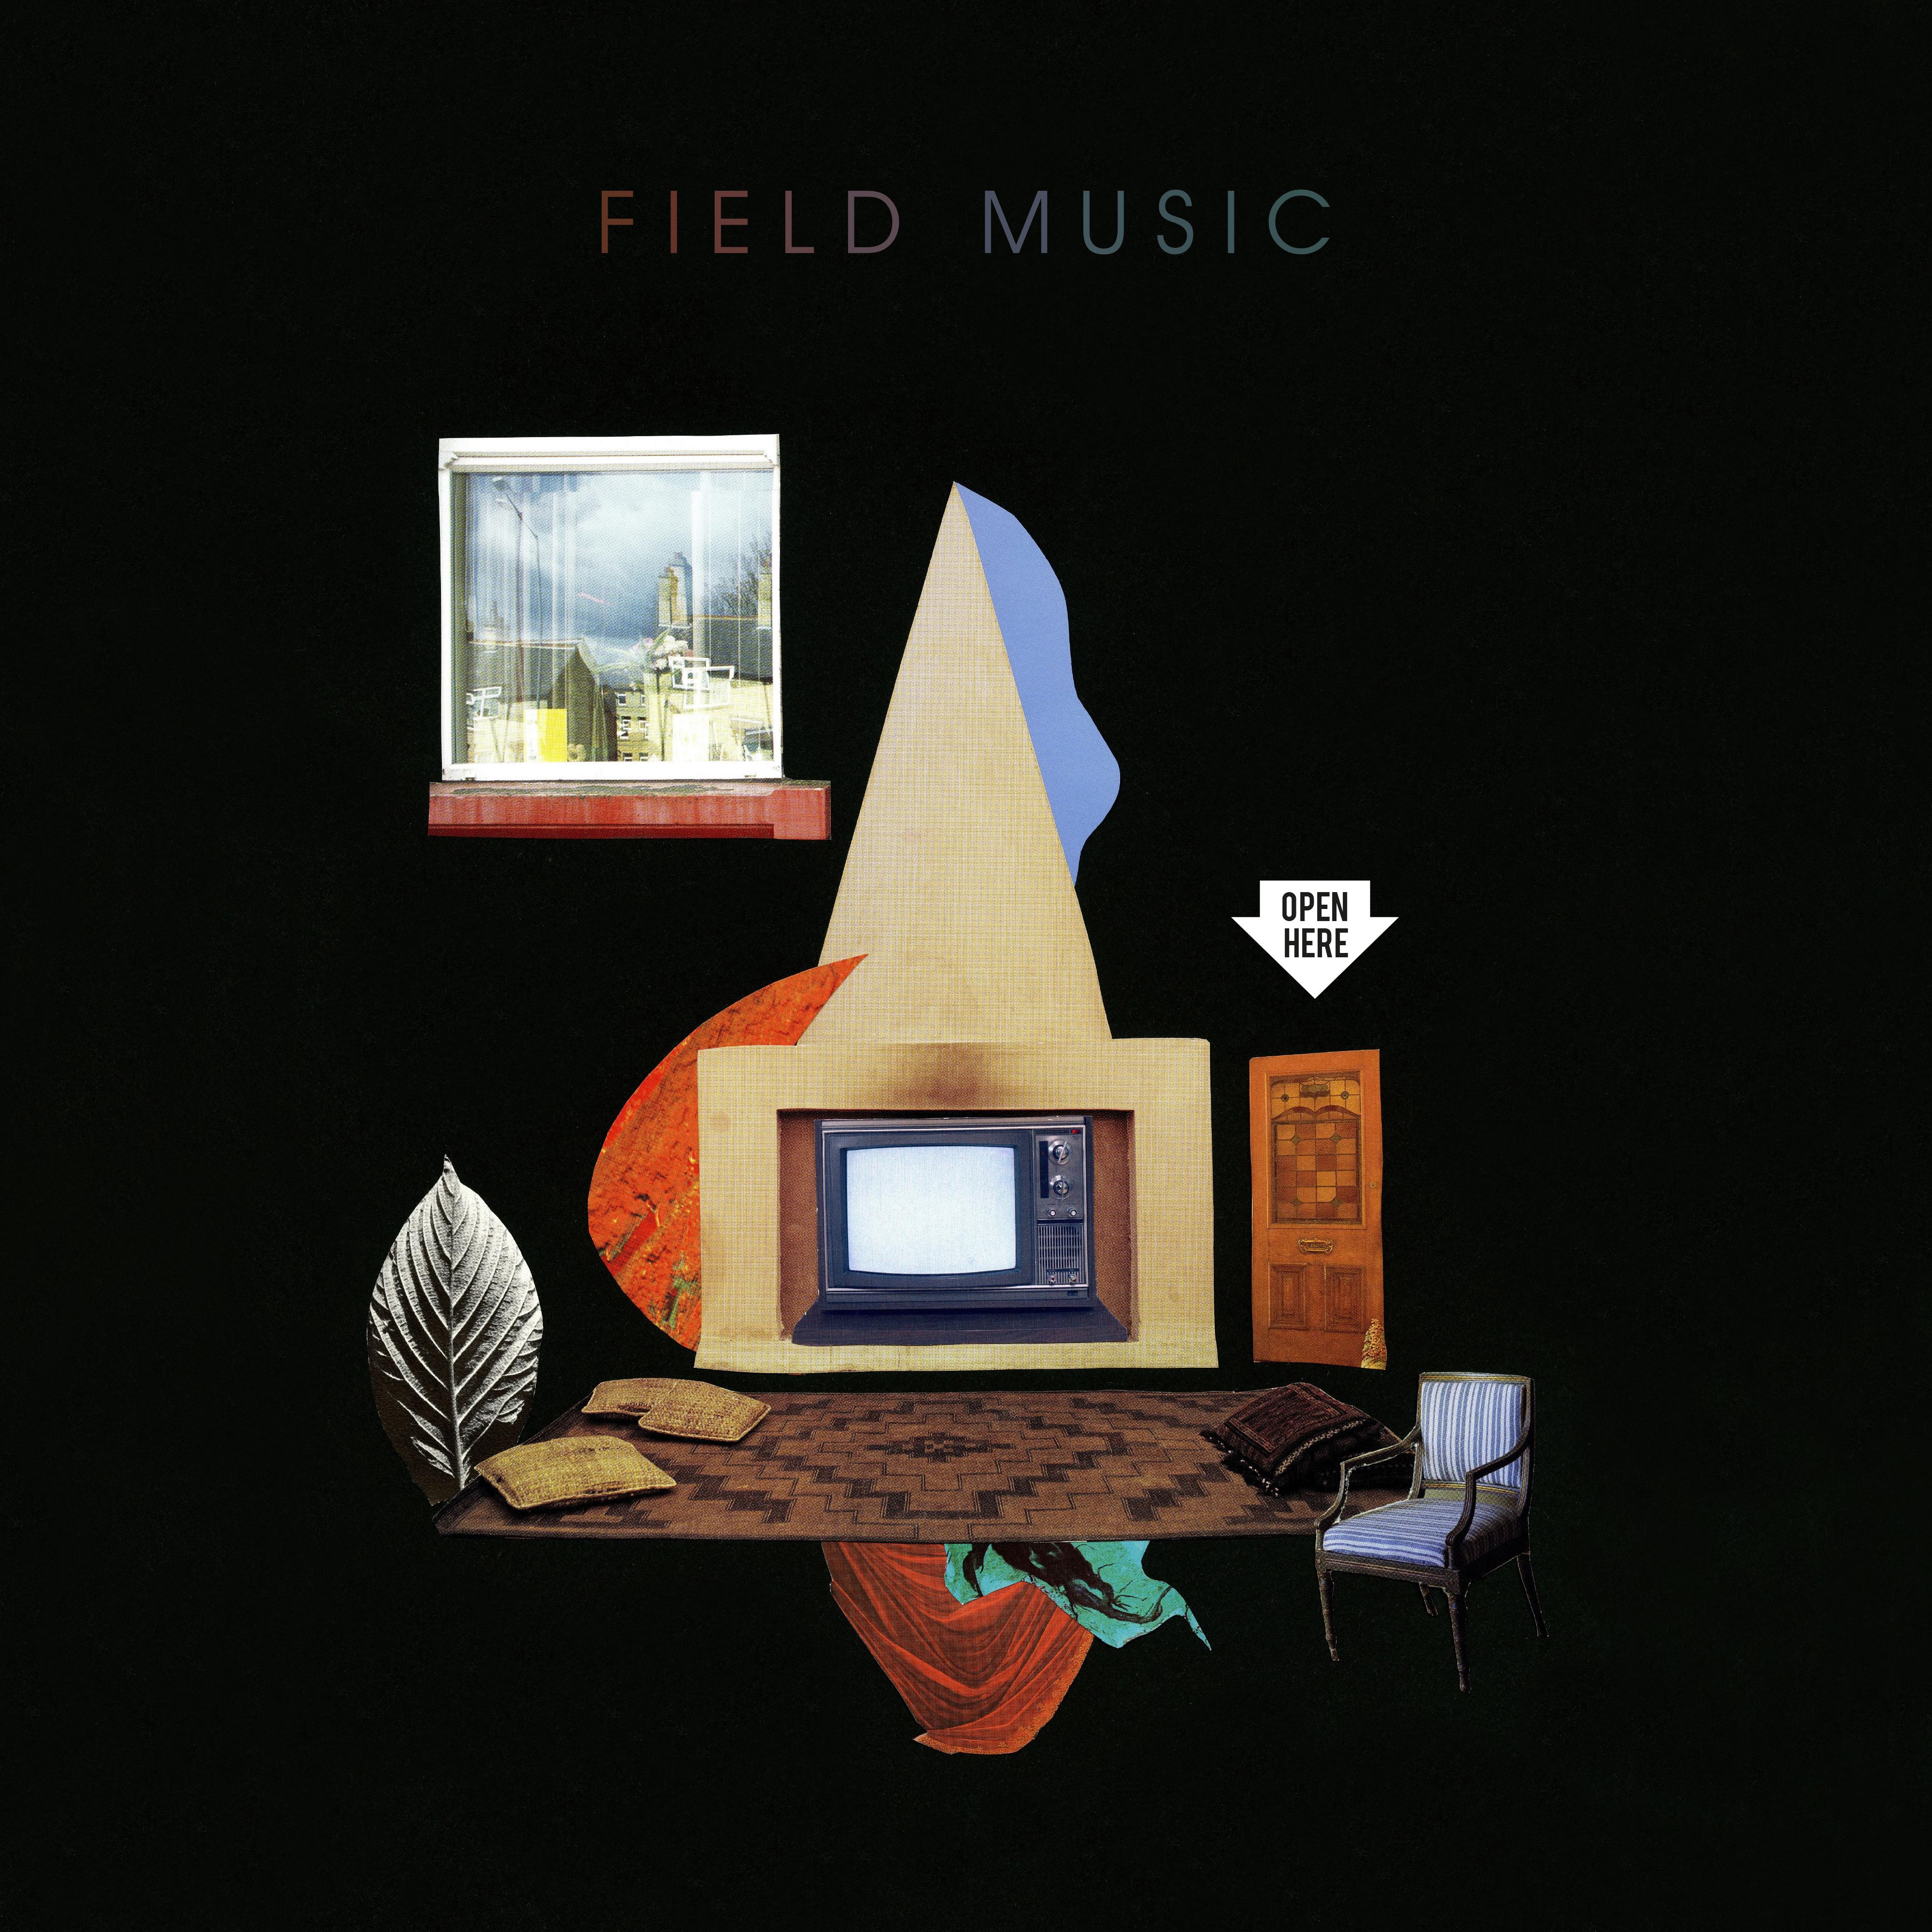 Field Music - Open Here - CD - Field Music